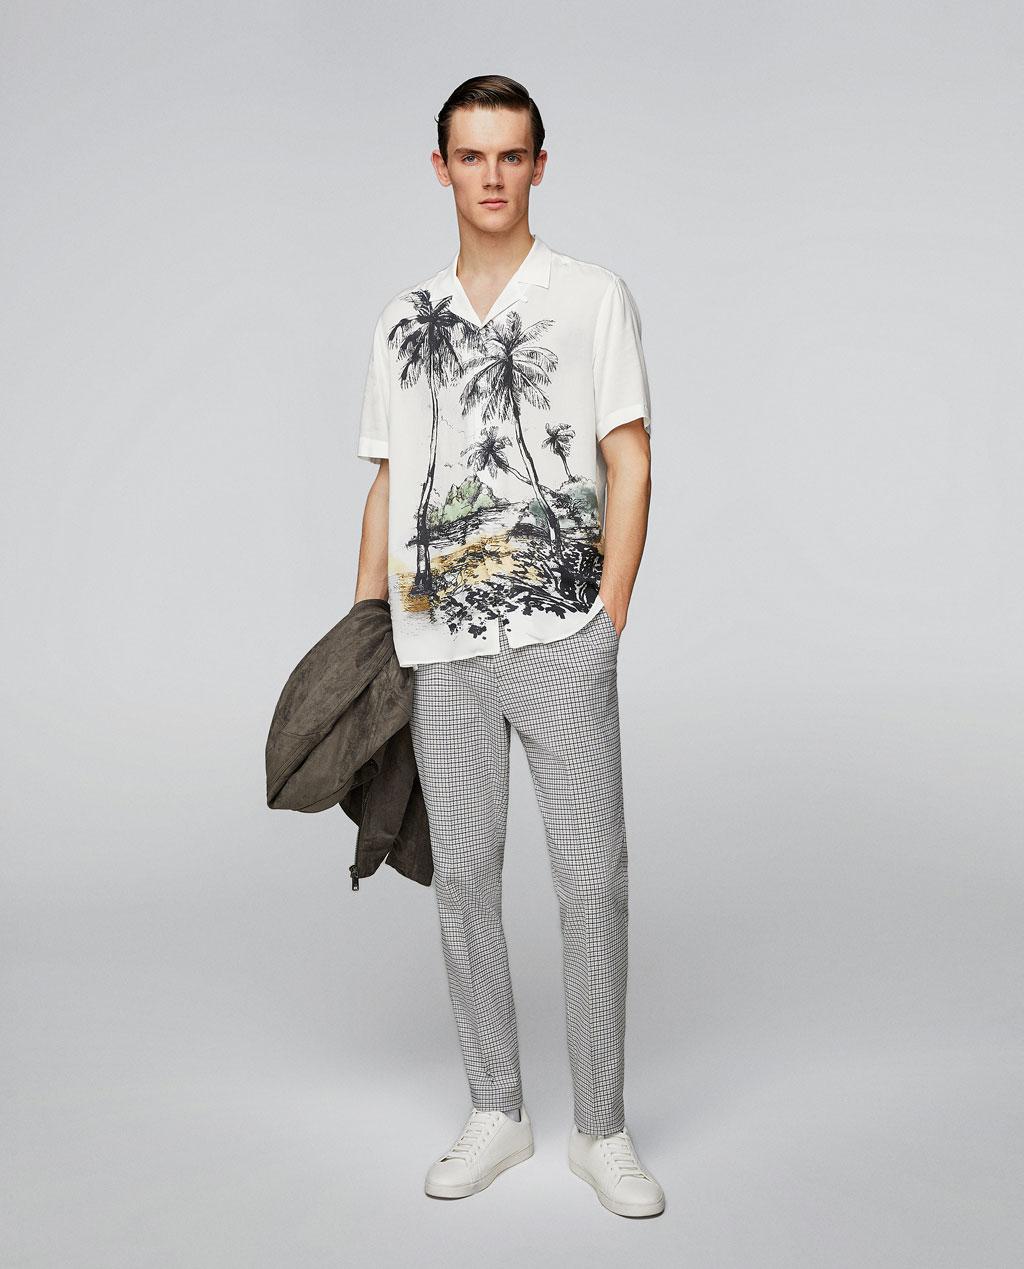 Thời trang nam Zara  23890 - ảnh 3